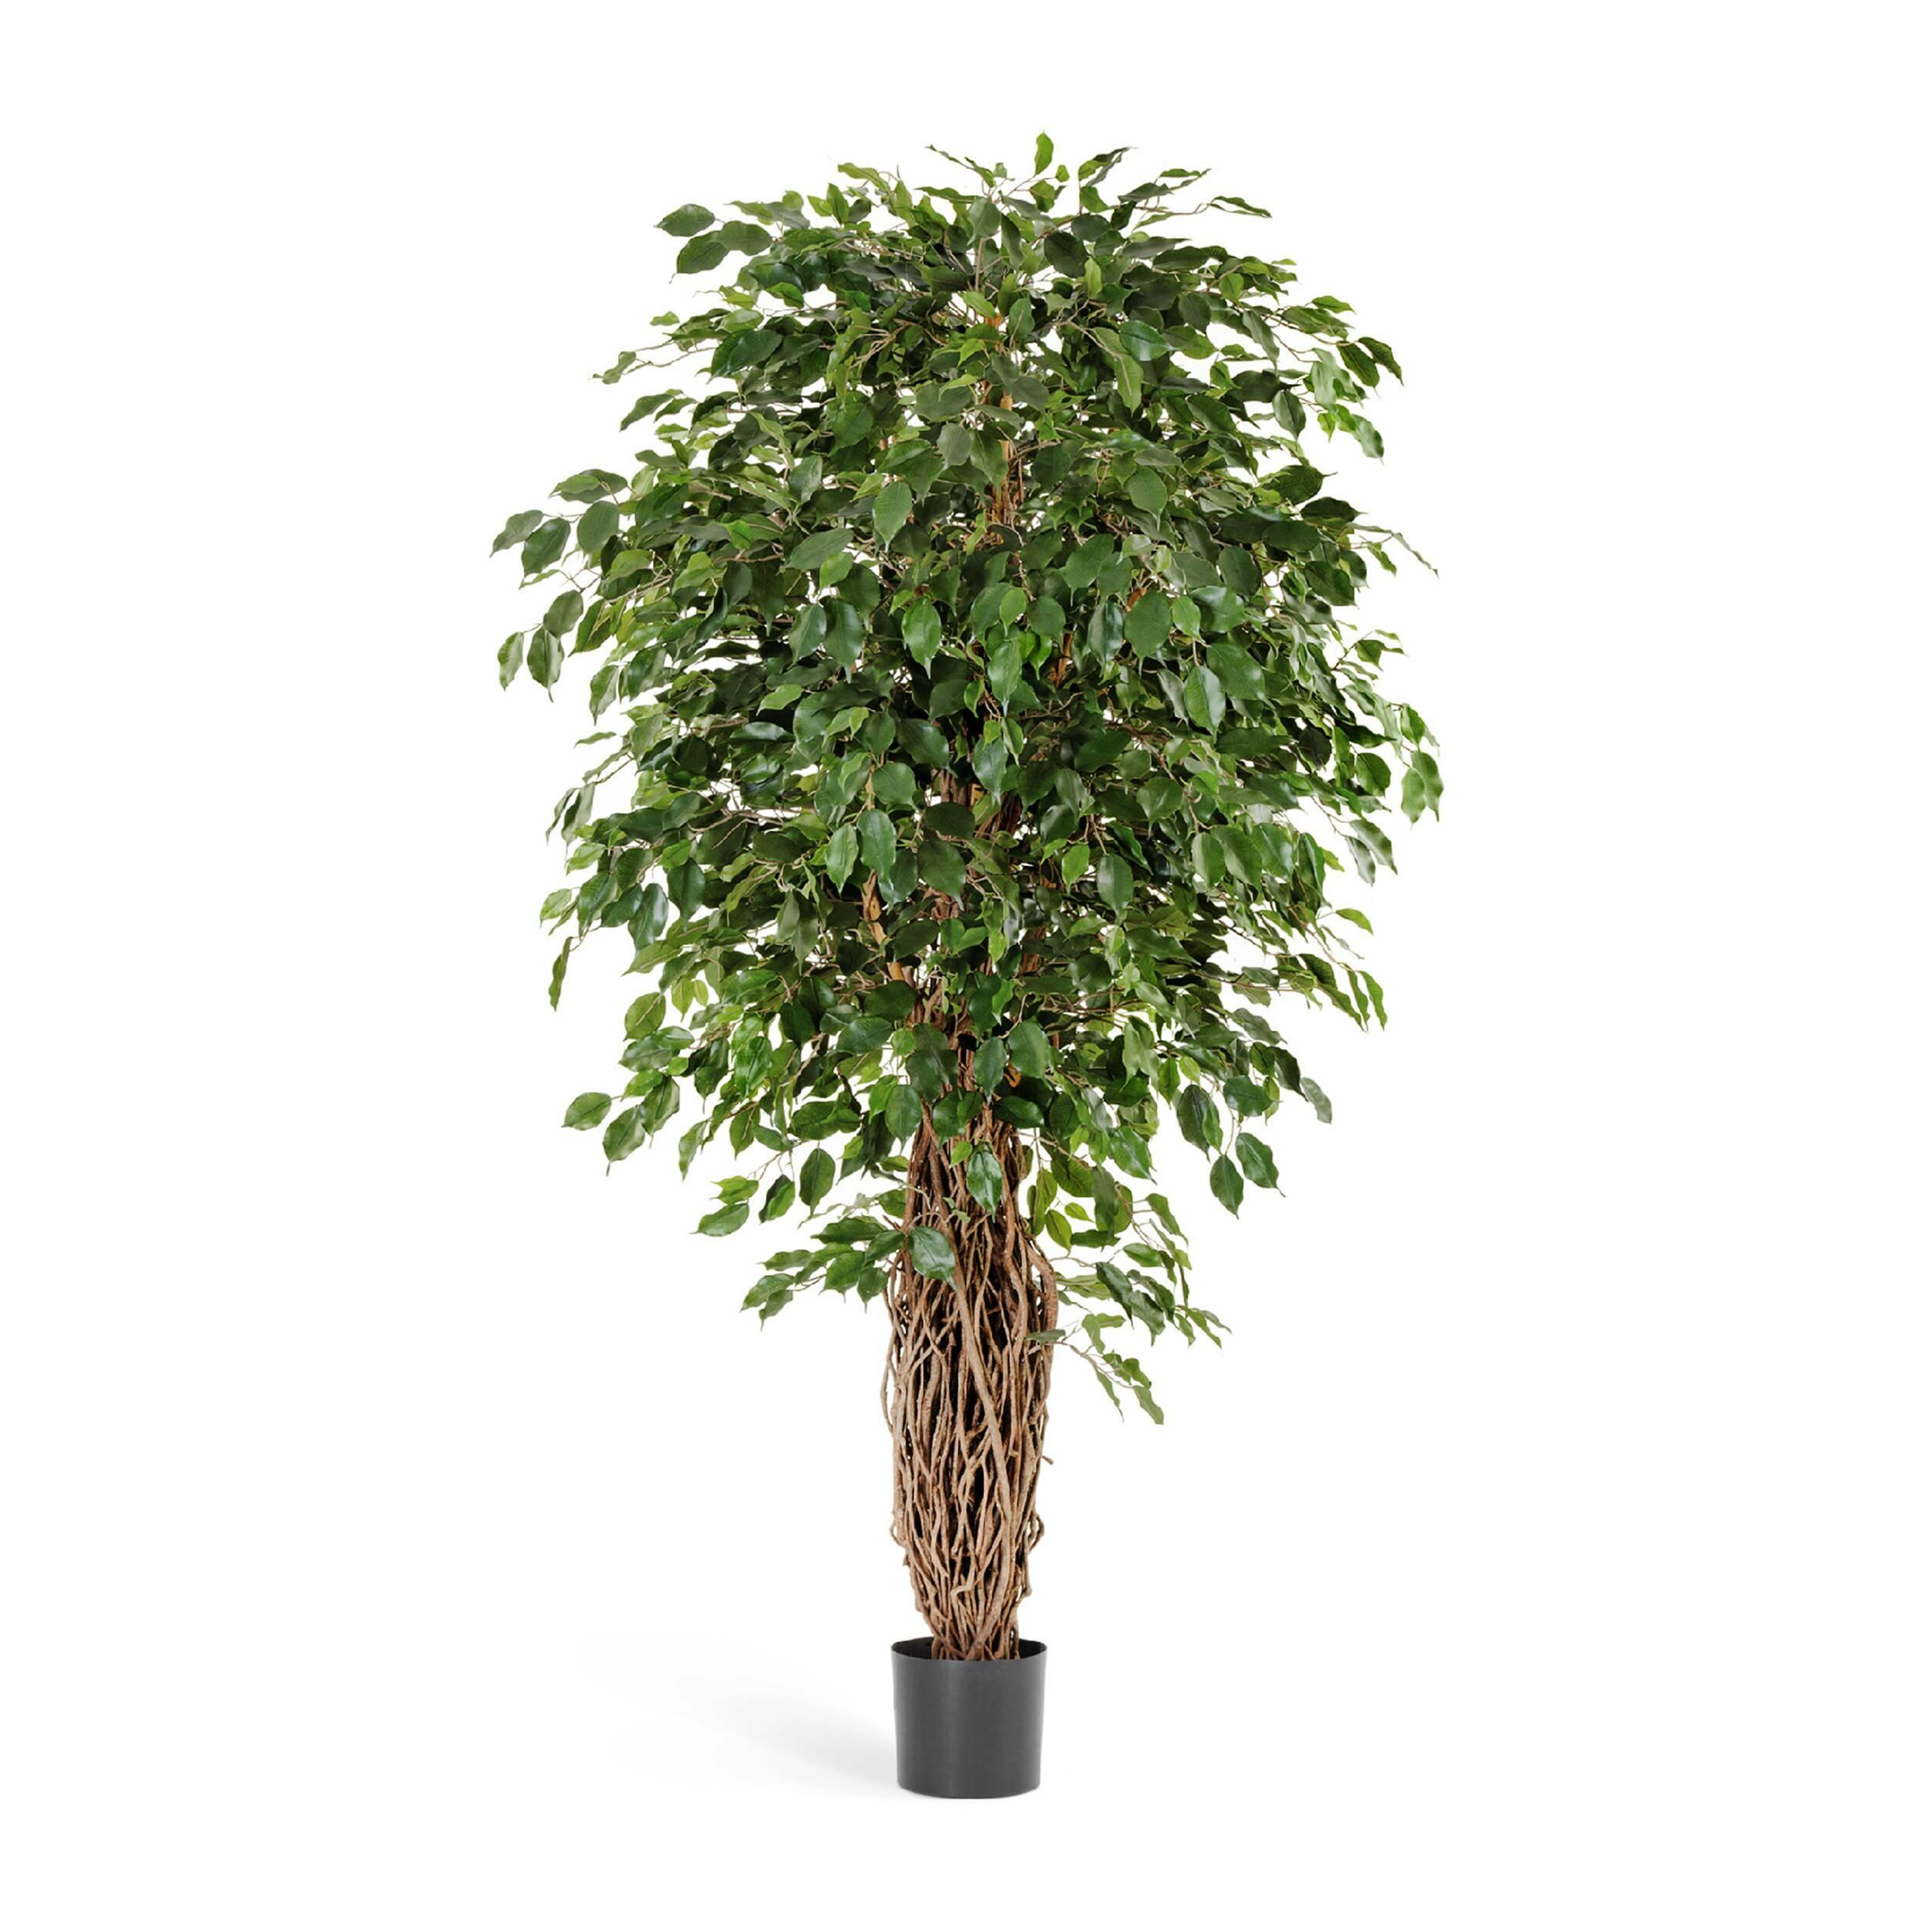 Купить Фикус Бенджамина Лиана Де Люкс 210 см, COSMO RED, Зеленый, Пластик